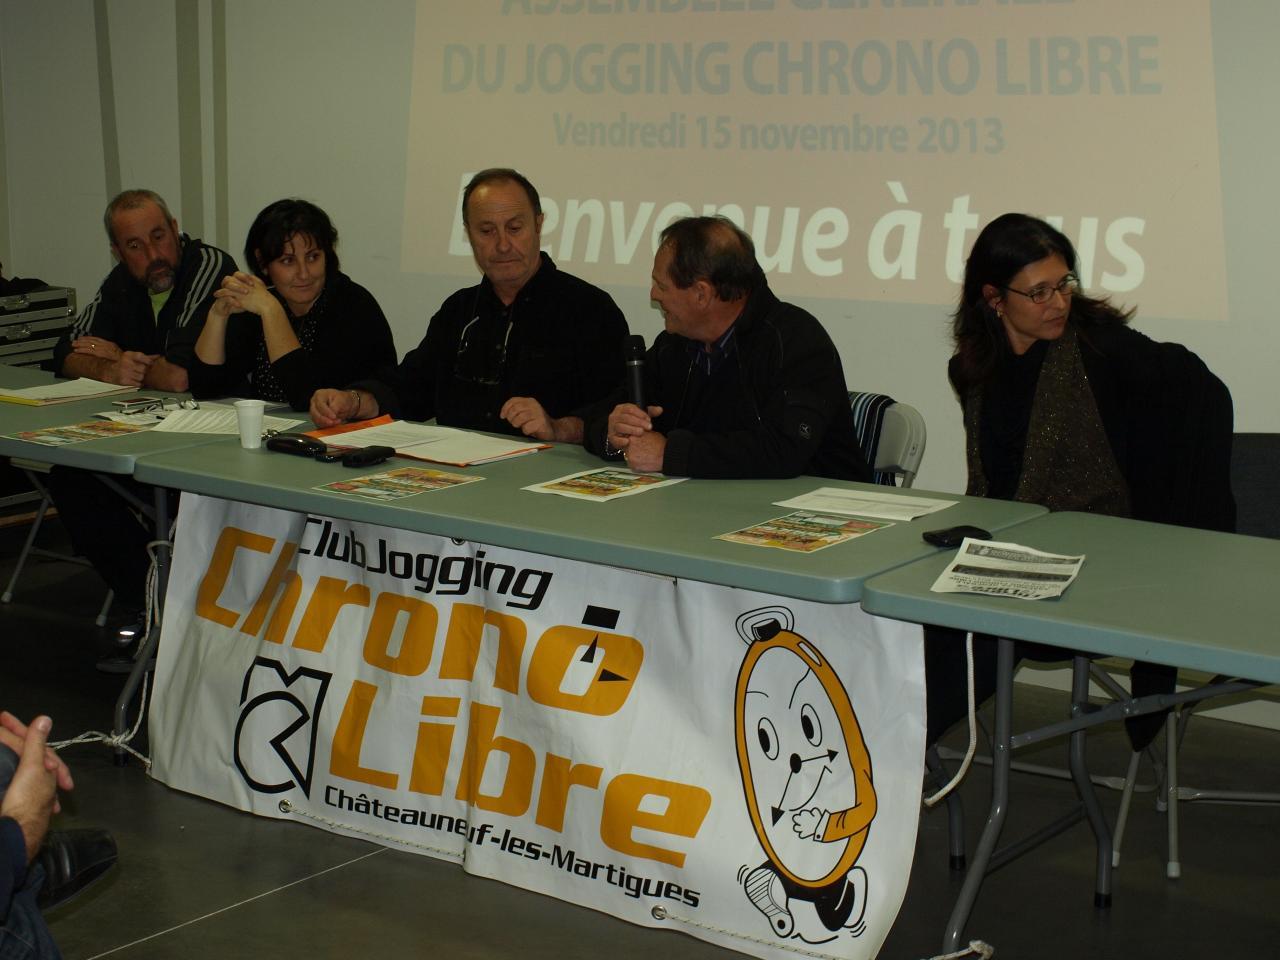 161120013 AG Chrono Libre (5)